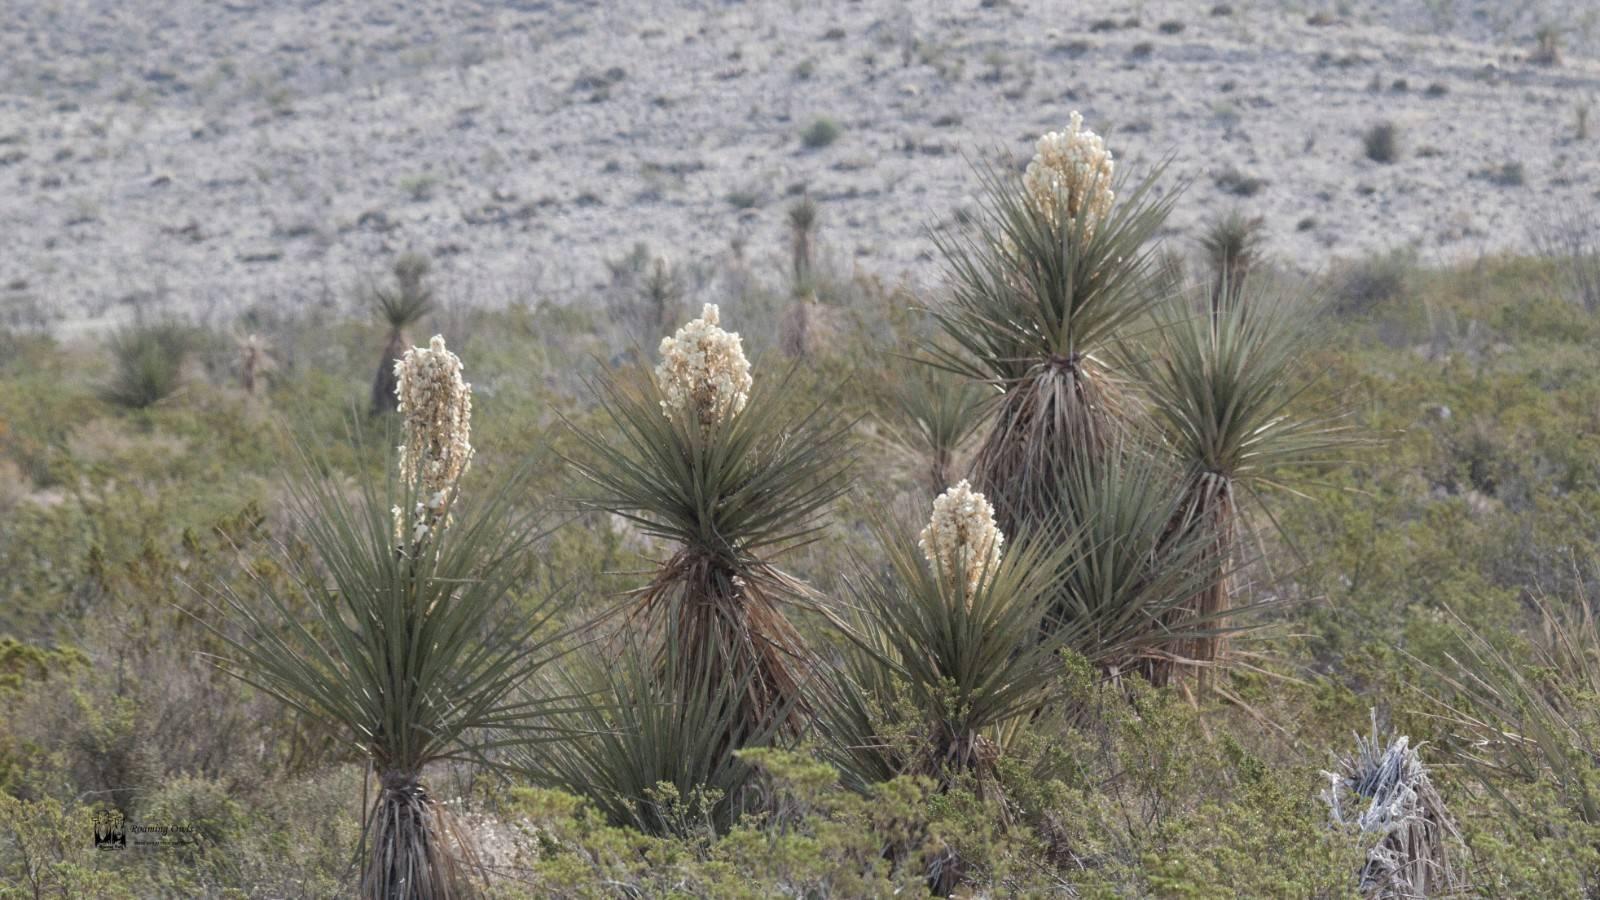 Yucca rostrata, big bend yucca, chisos mountain, chihuahuan desert